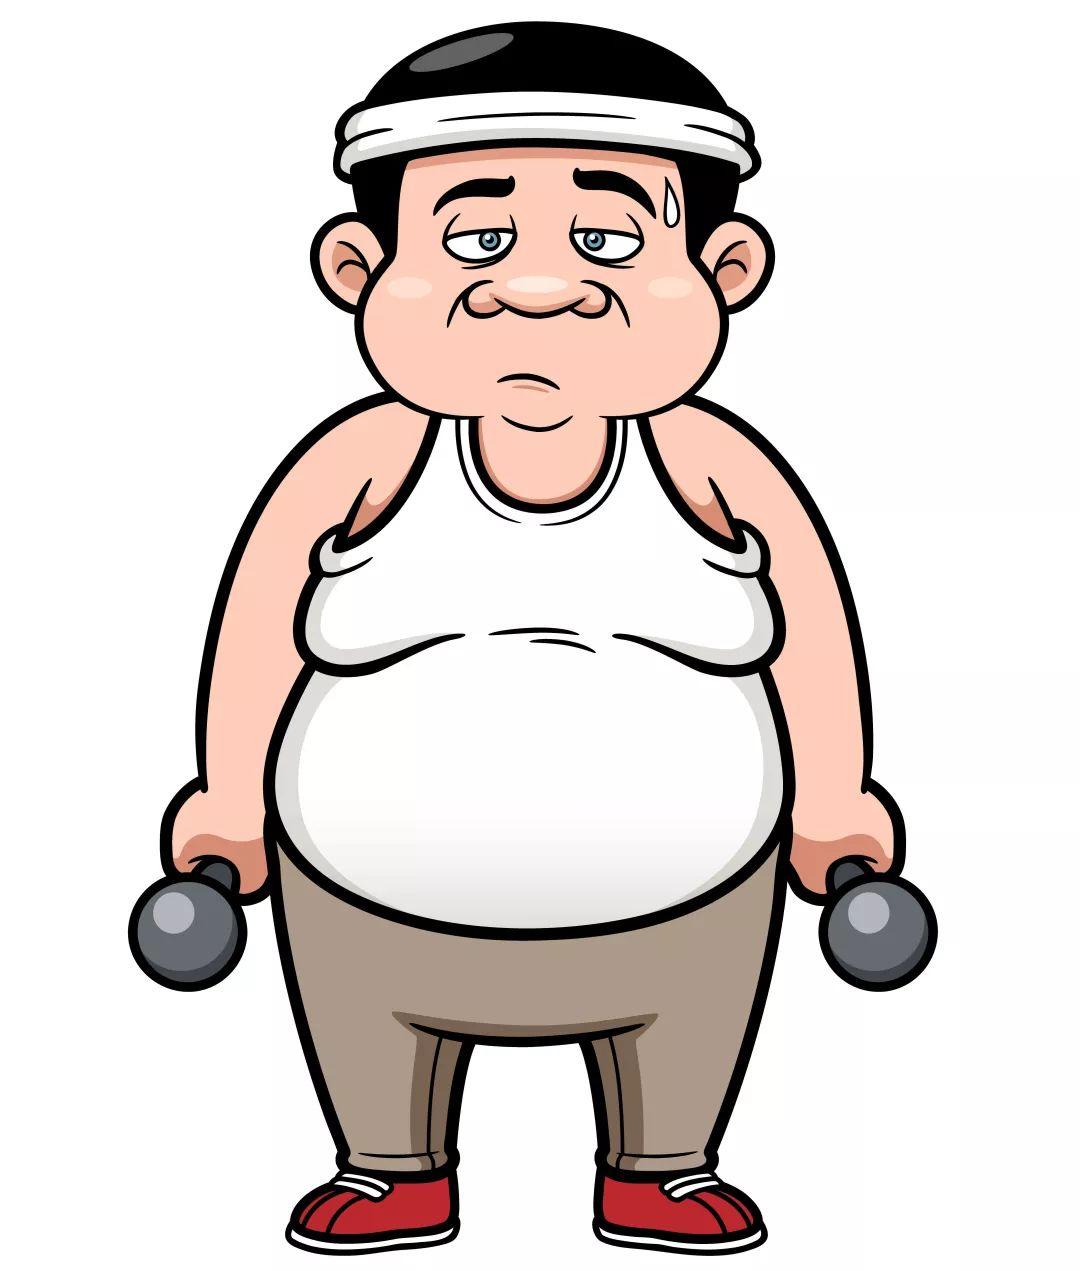 """减肥如何快人一步?全靠提高基础代谢率,做到这4点,修炼成""""易瘦体质""""!"""